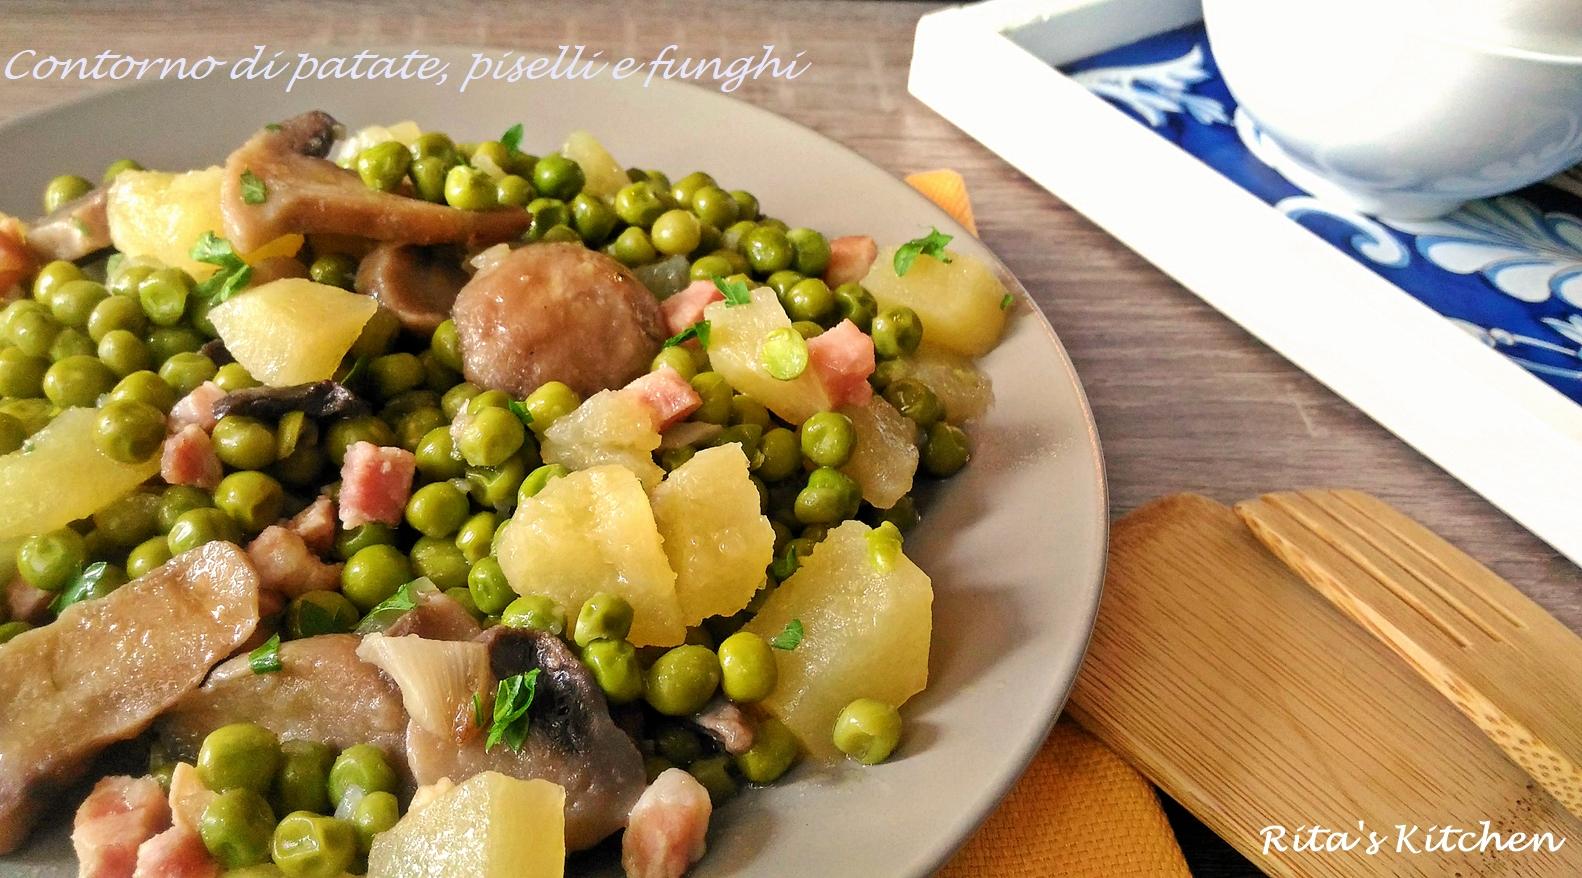 patate, pisellie e funghi